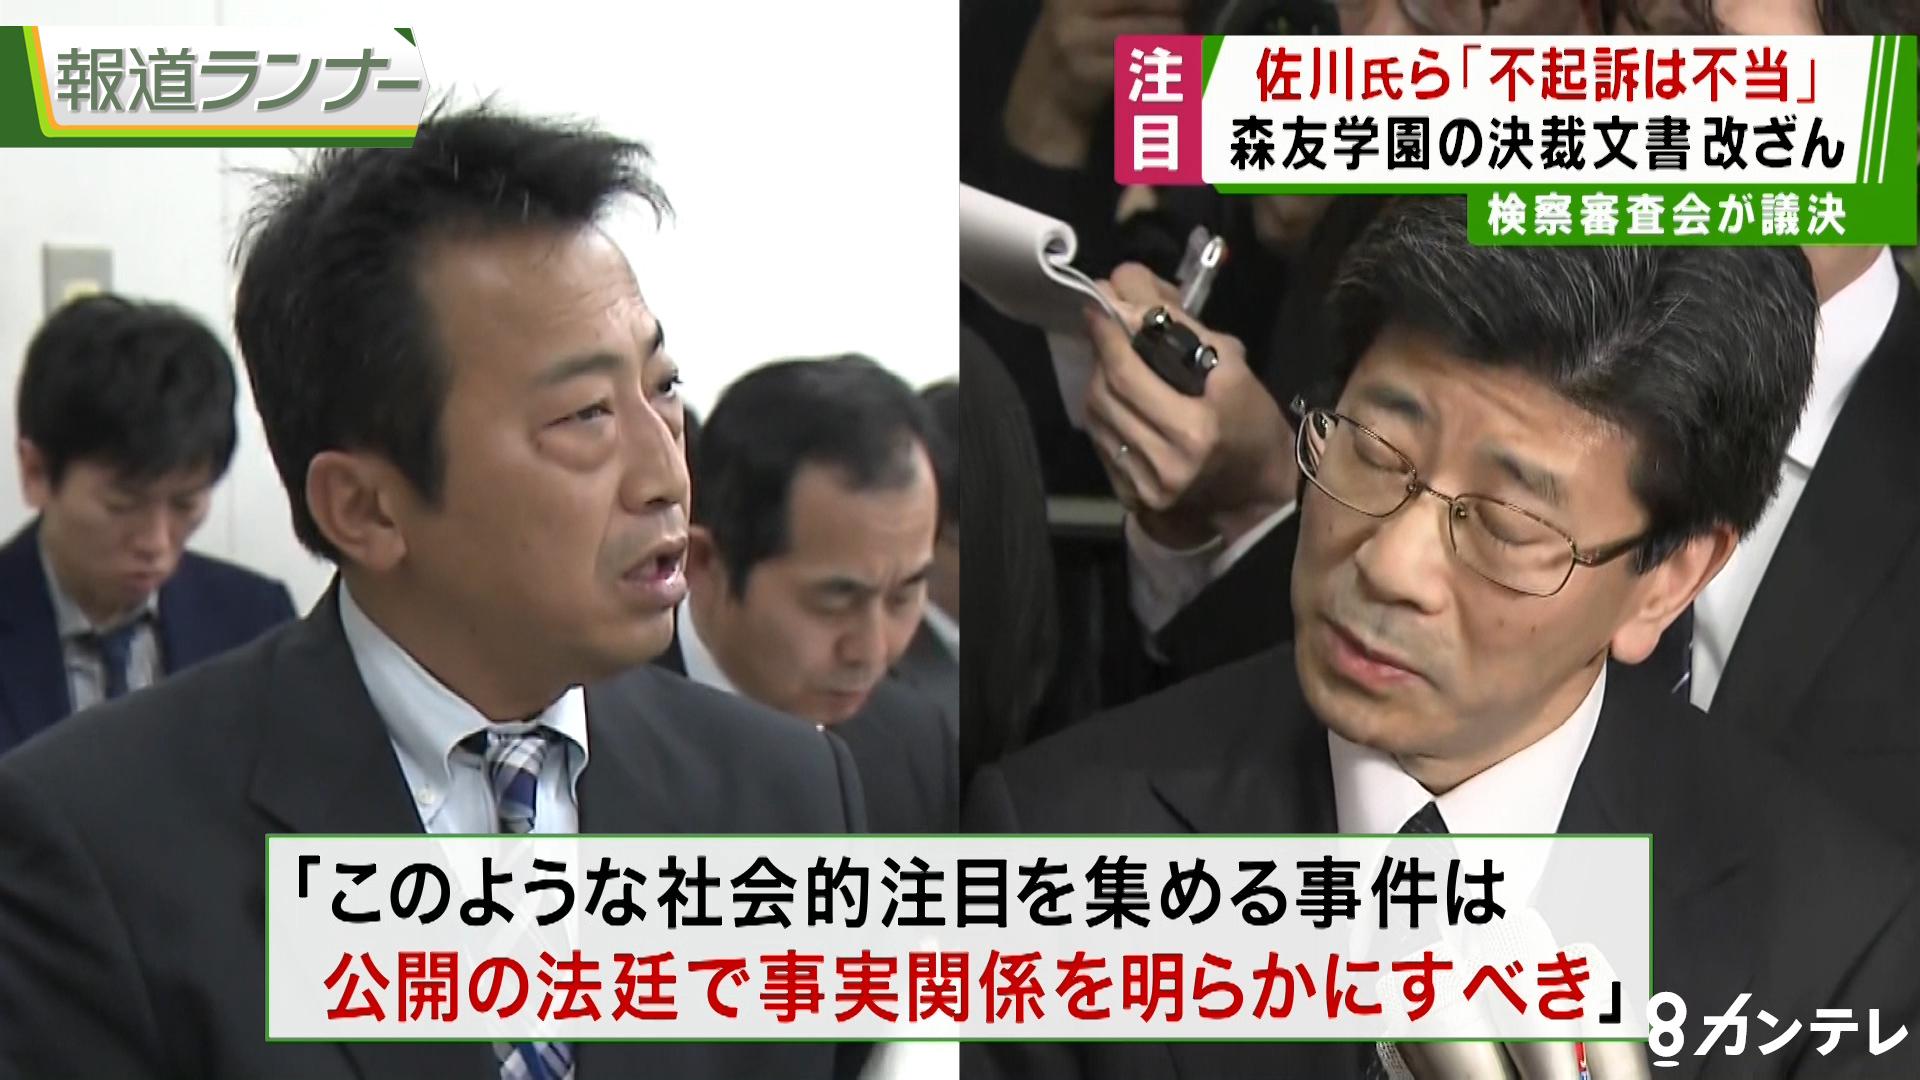 佐川氏らの「不起訴は不当」 検察審査会が議決